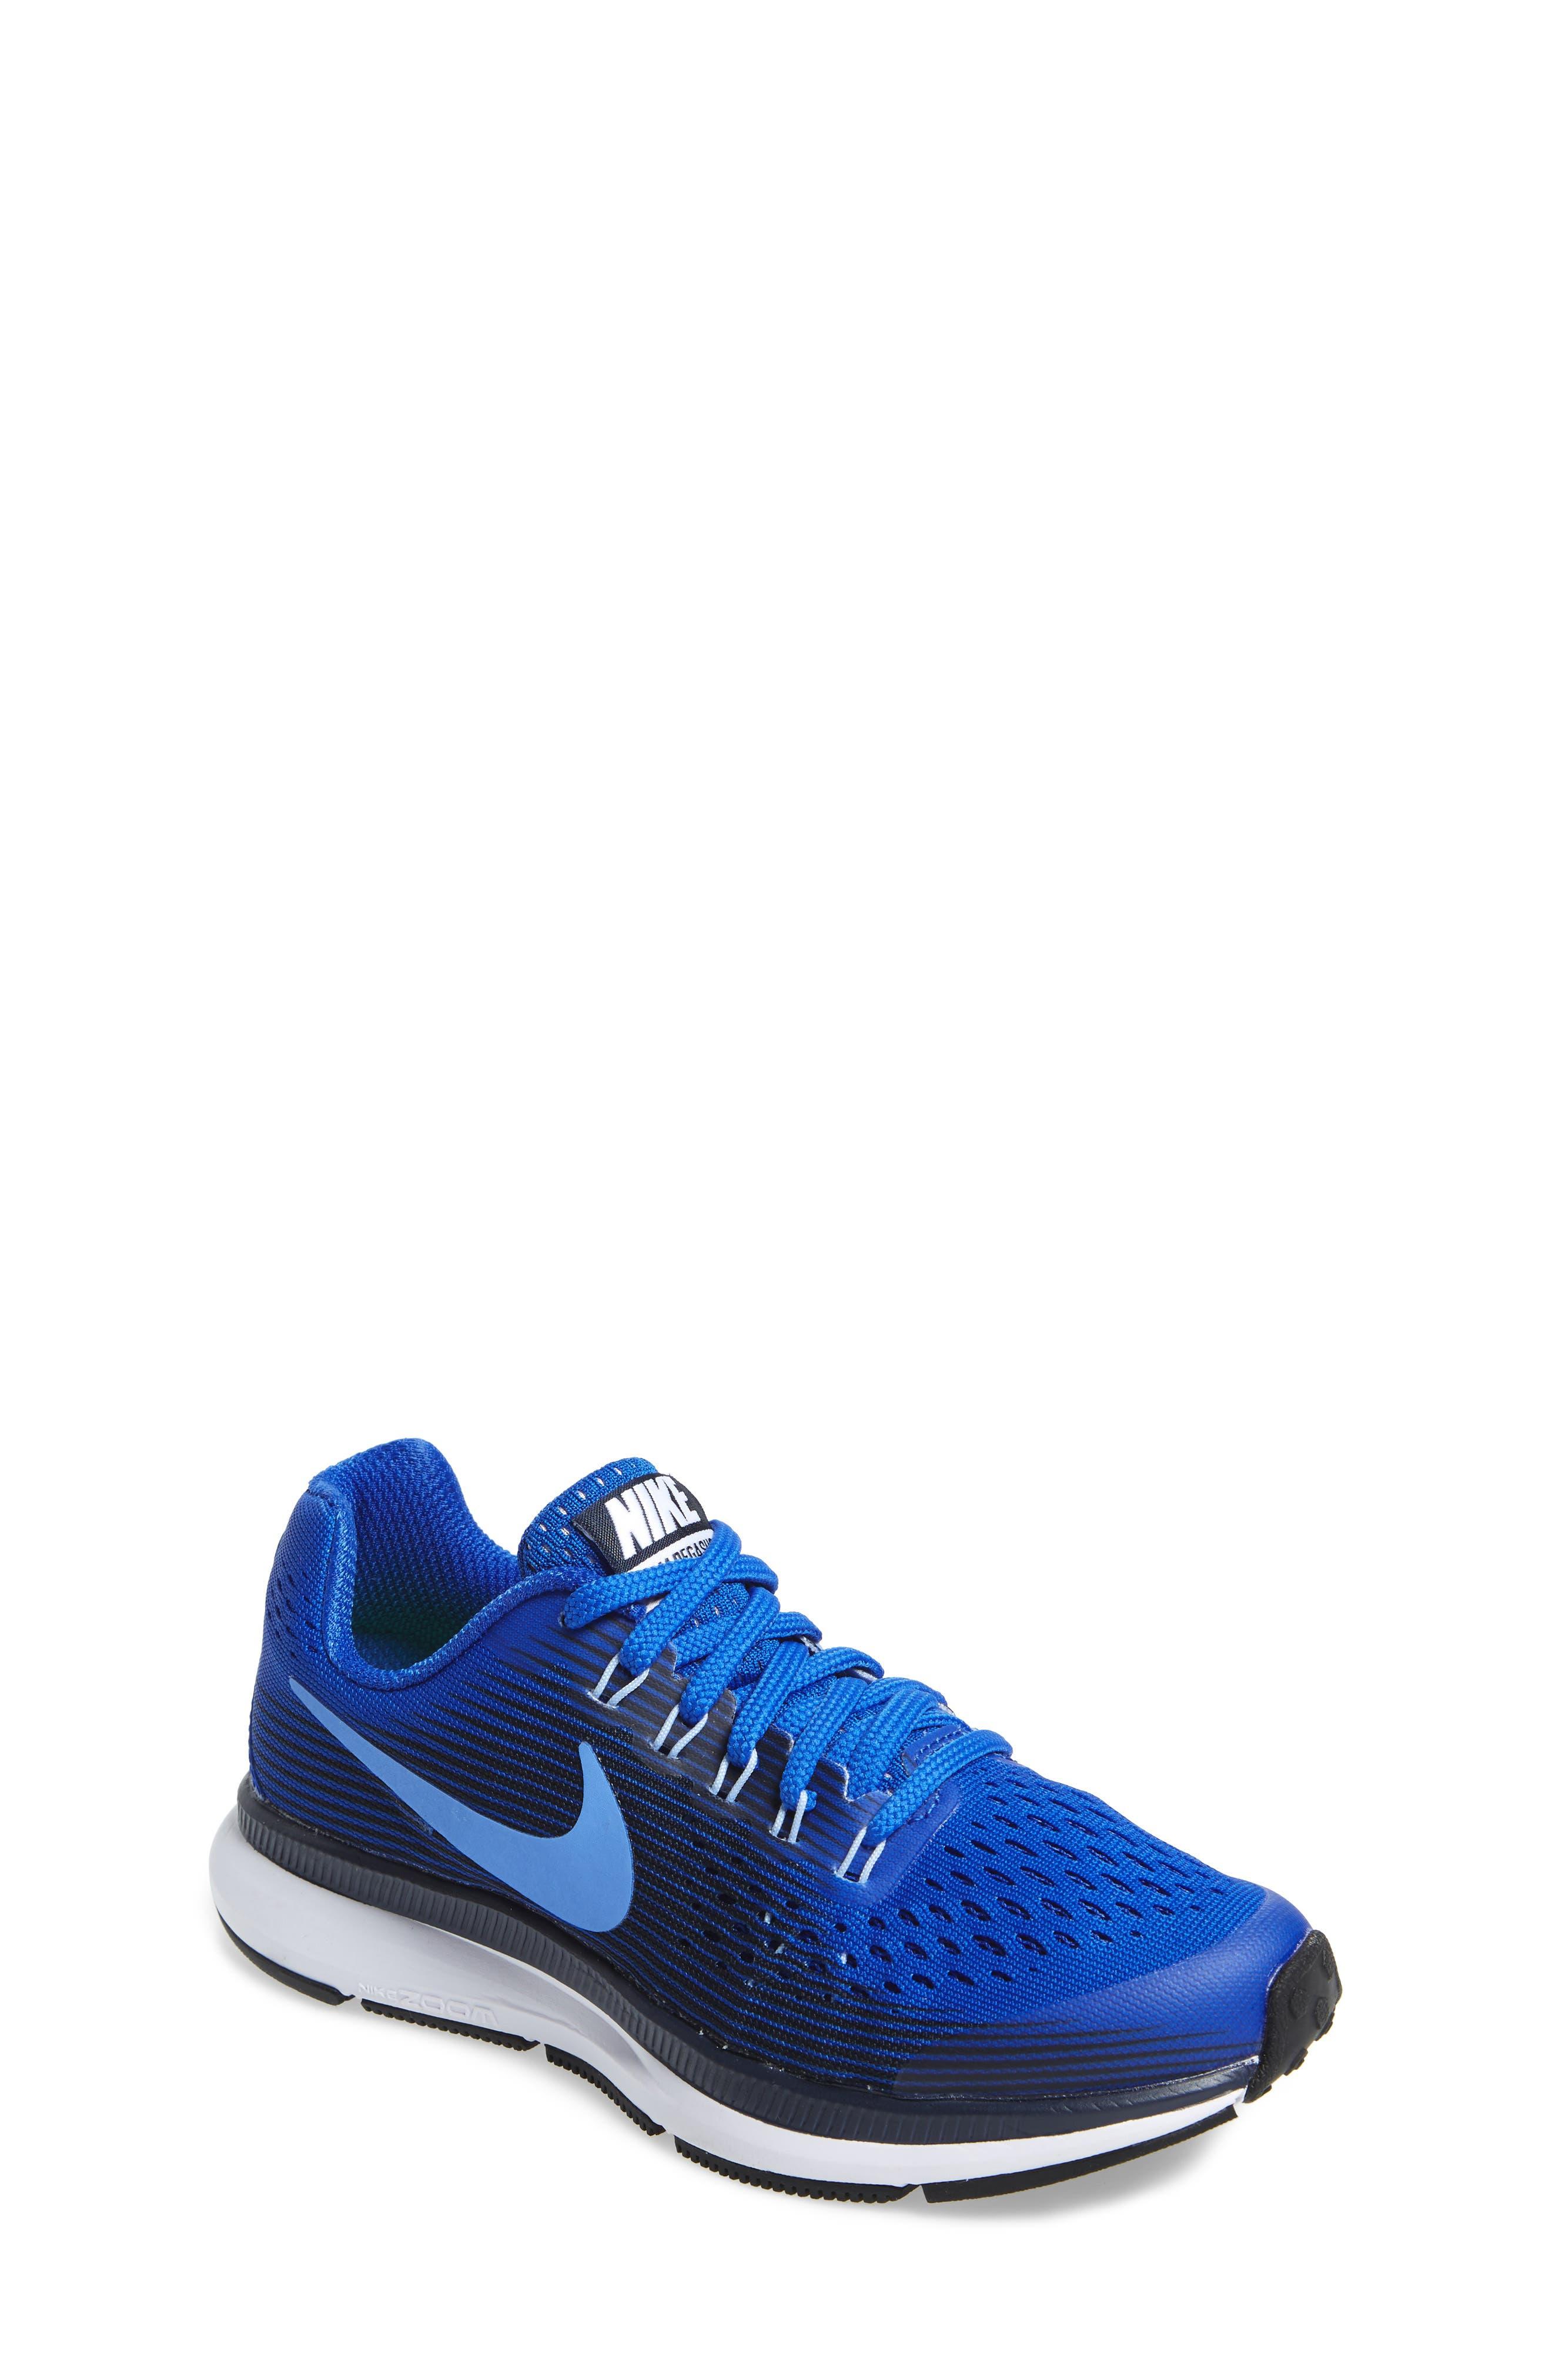 Zoom Pegasus 34 Sneaker,                         Main,                         color, 405